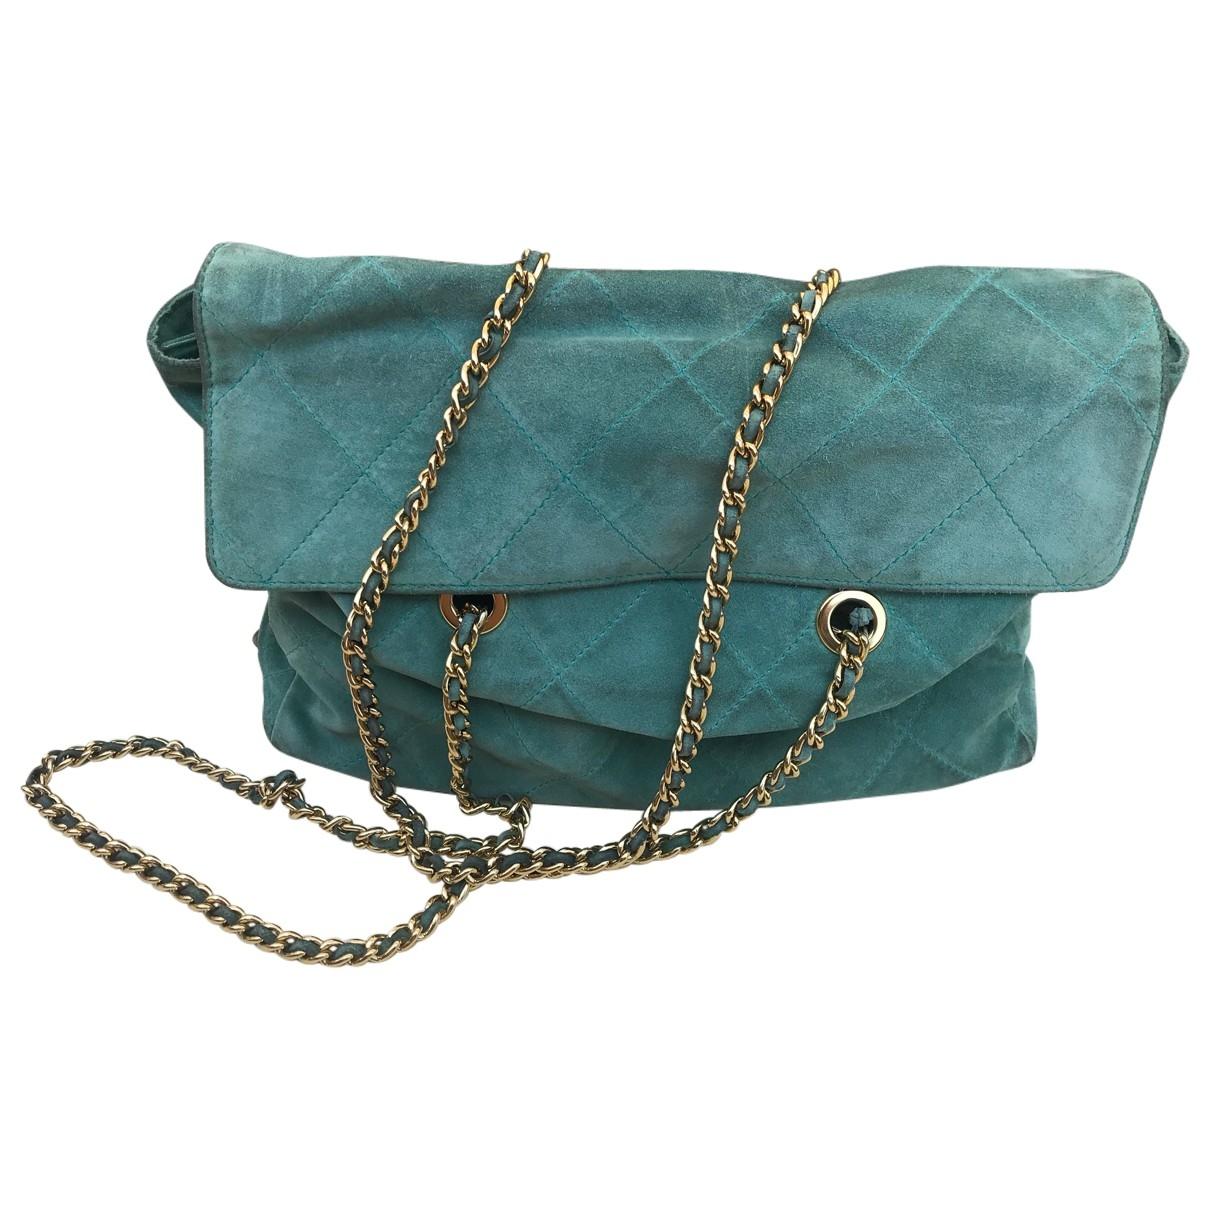 Prada \N Turquoise Suede handbag for Women \N